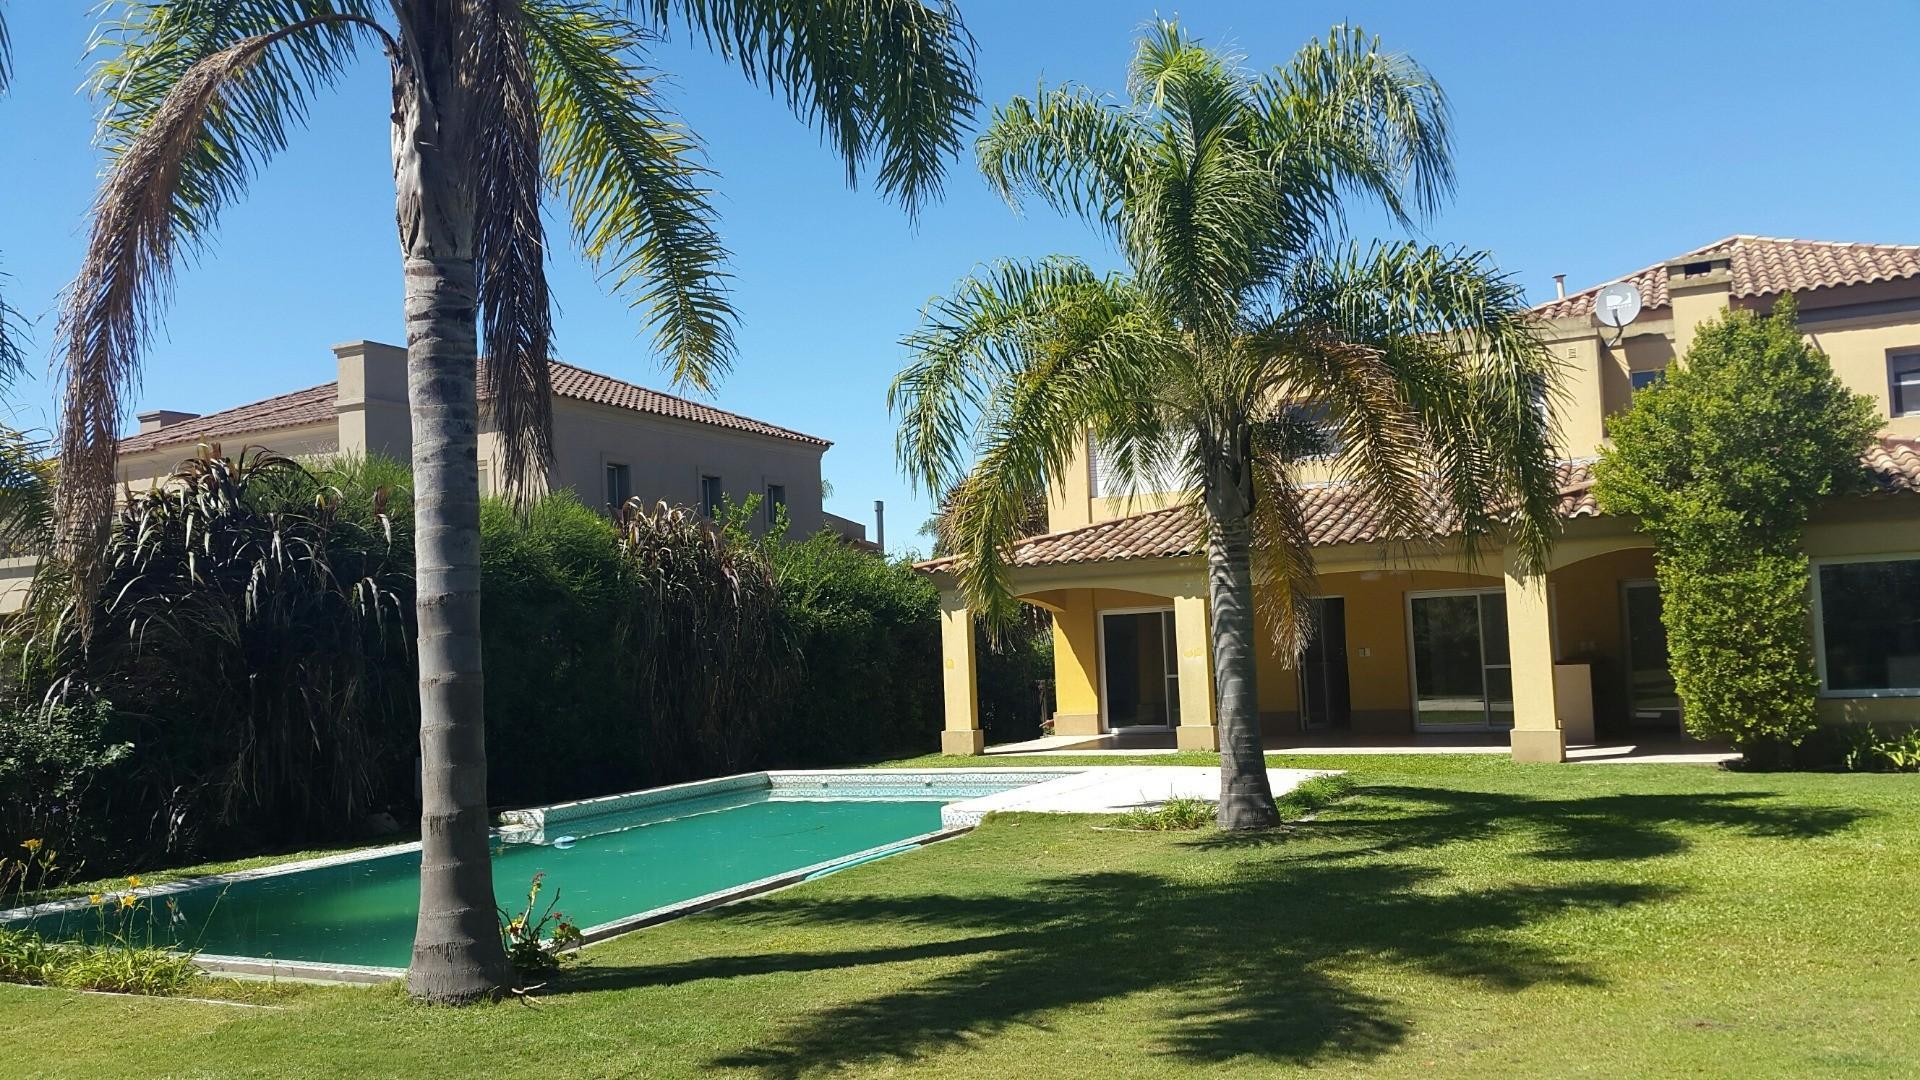 Casa en alquiler en Santa Barbara - Isla Oeste